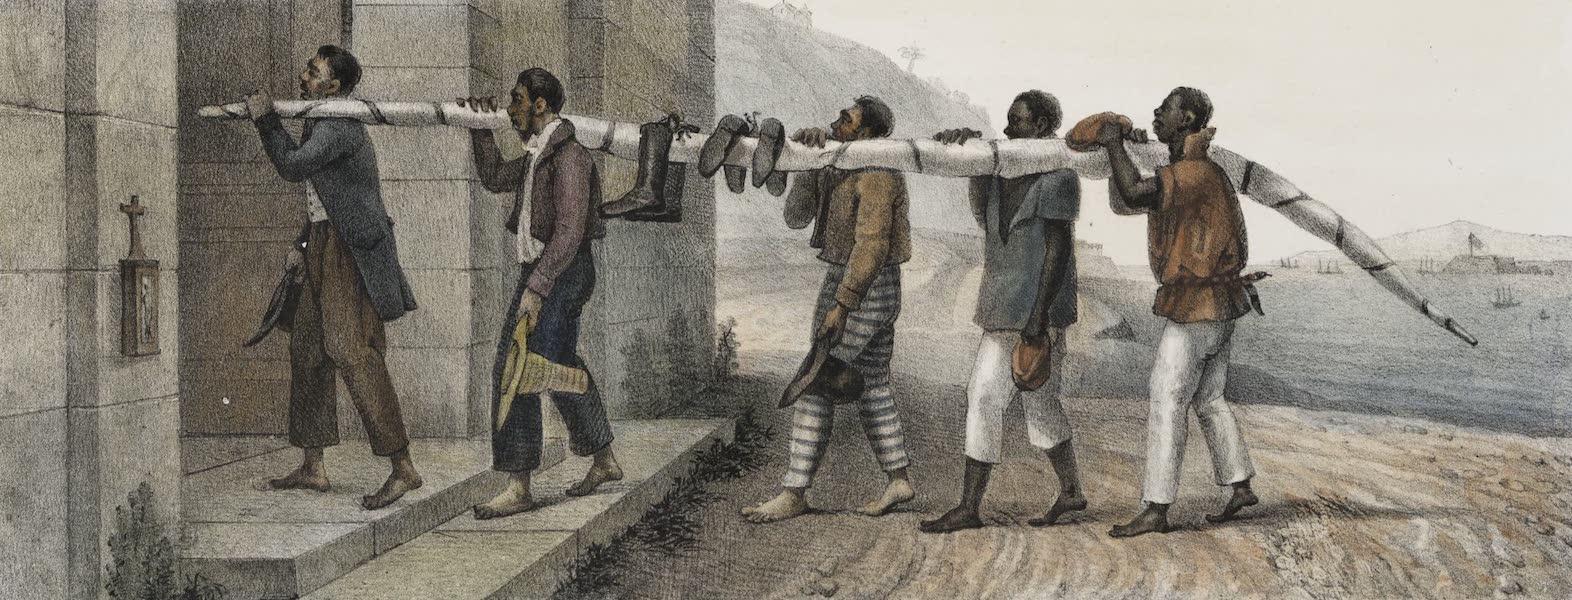 Voyage Pittoresque et Historique au Bresil Vol. 3 - Ex-voto de Marins echappes d'un naufrage (1839)